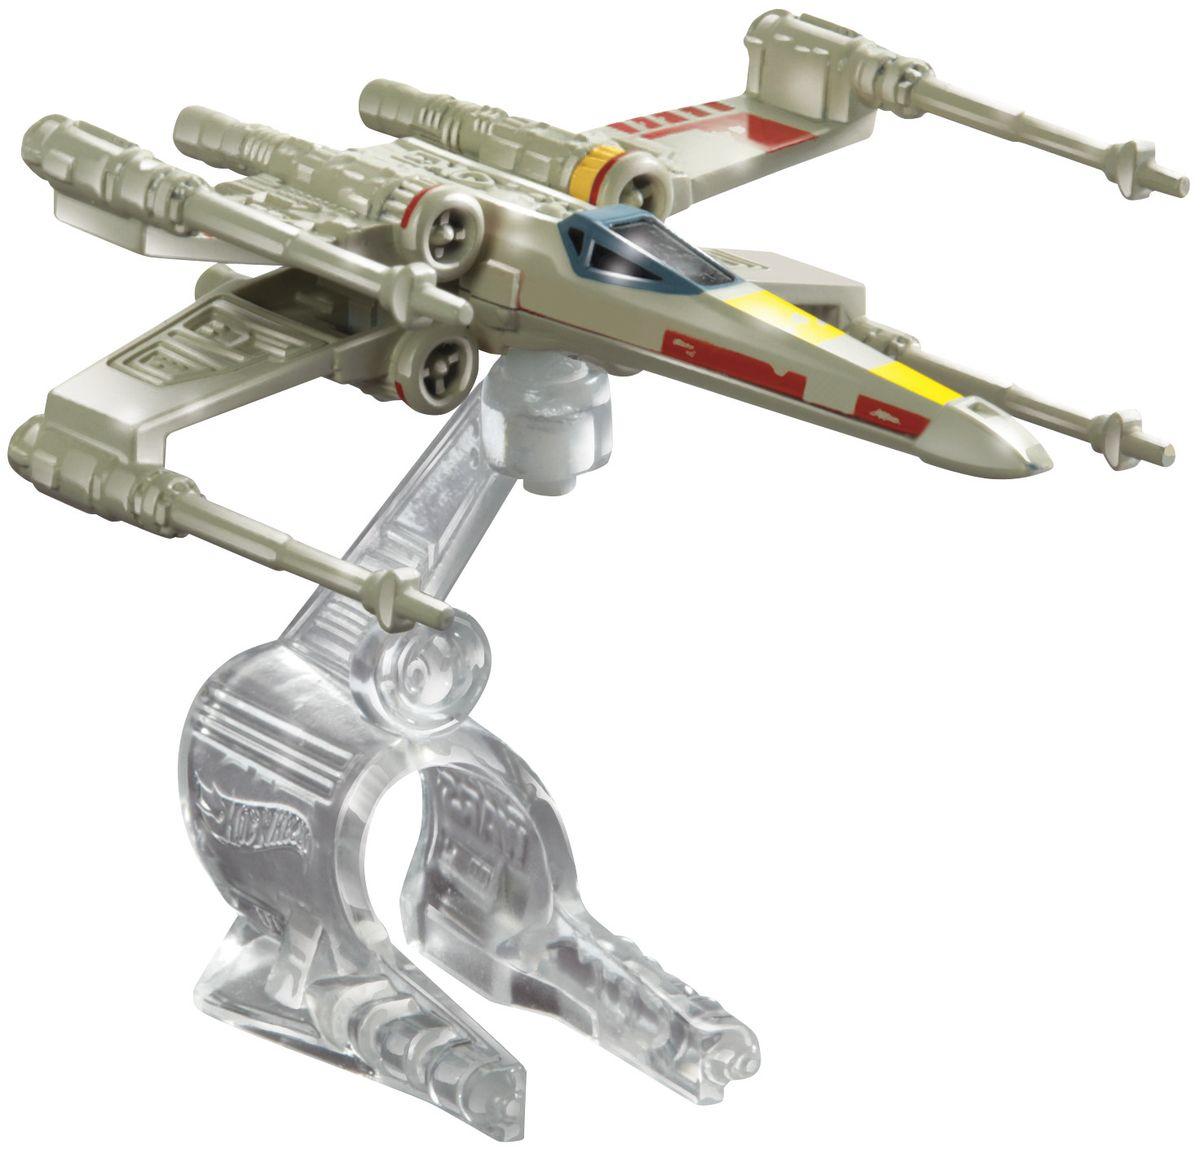 Hot Wheels Star Wars Звездный корабль Y-Wing Fighter Red 5CGW52_CGW67_CGW67Звездный корабль Hot Wheels Y-Wing Fighter Red 5 обязательно привлечет внимание поклонника фантастической саги Звездные воины. В комплекте звездный корабль и подставка. Надевайте на руку устройство Flight Navigator и запускайте корабль в полет по комнате, прямо как в гиперпространстве, или устраивайте яростные космические сражения. Flight Navigator можно также использовать как подставку для игрушек. Звездолеты совместимы с игровыми наборами Hot Wheels Star Wars (продаются отдельно).